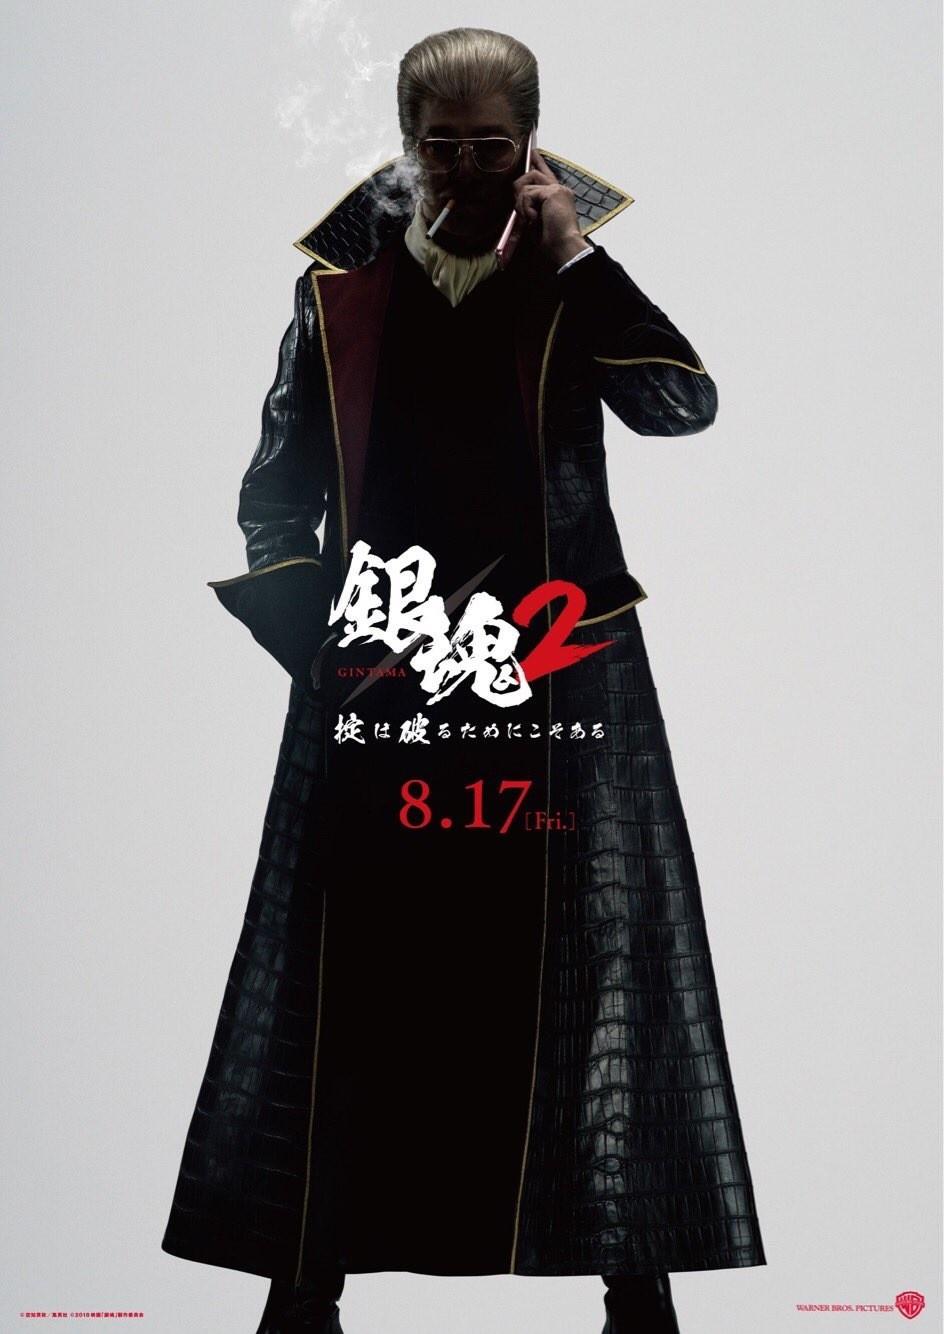 银魂2,银魂真人电影